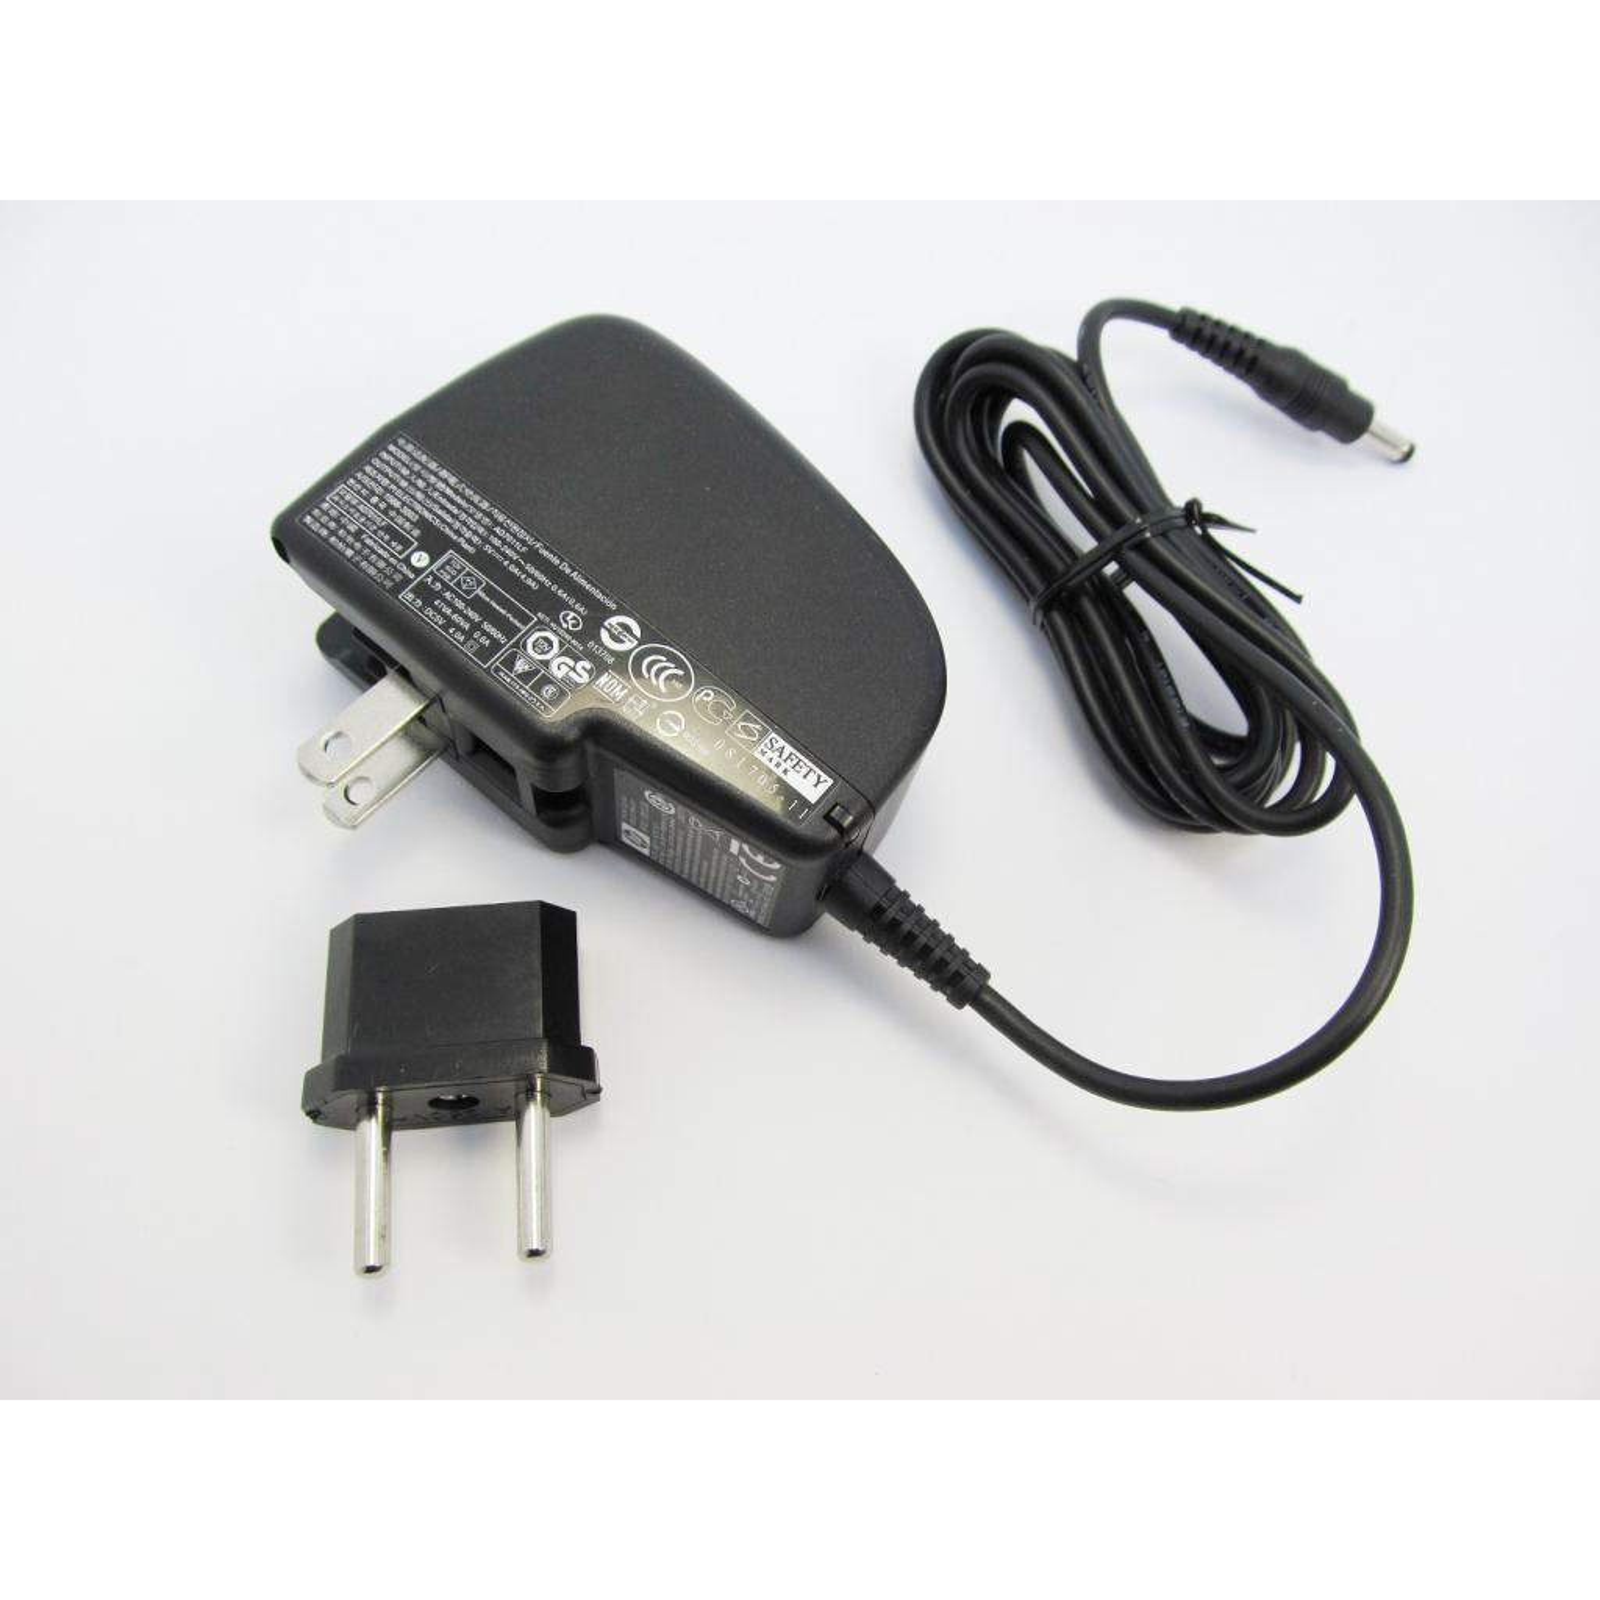 Блок питания к ноутбуку HP 20W 5V, 4A, разъем 4.0/1.7, wall mount (AD7011LF / A40260) изображение 2